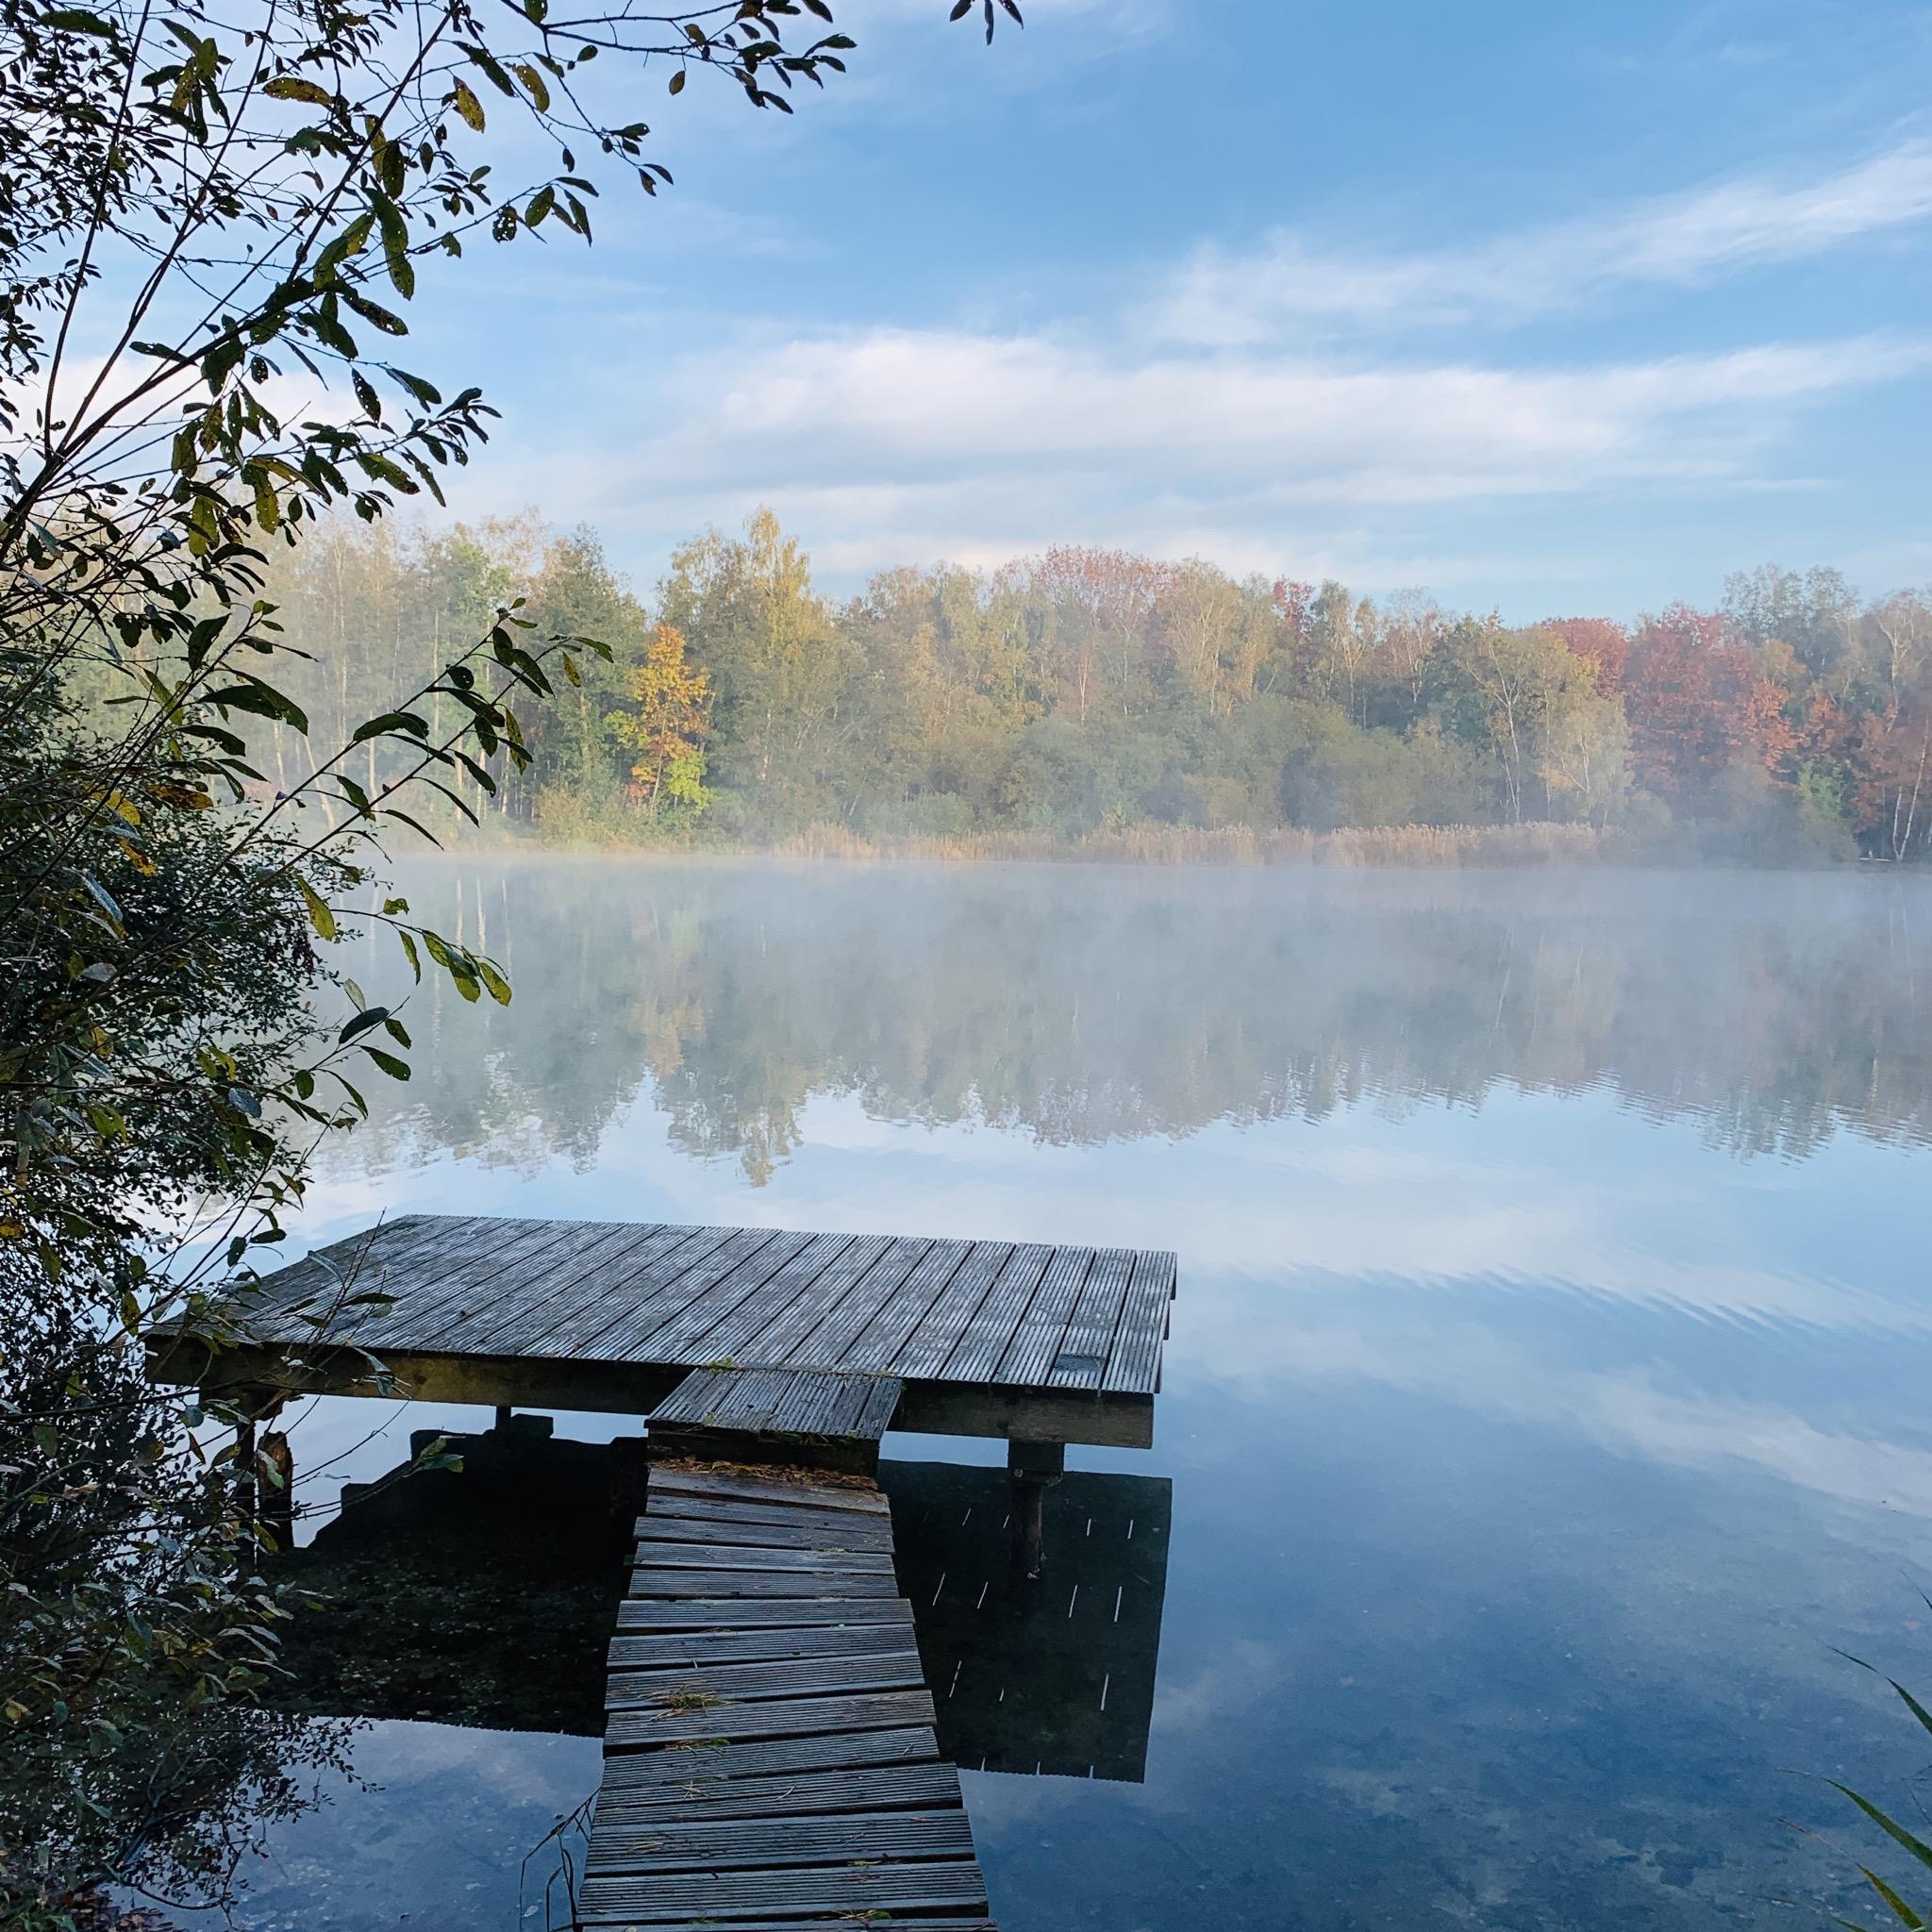 Ruhe und Idylle pur - der Venekotensee im Naturpark Schwalm-Nette